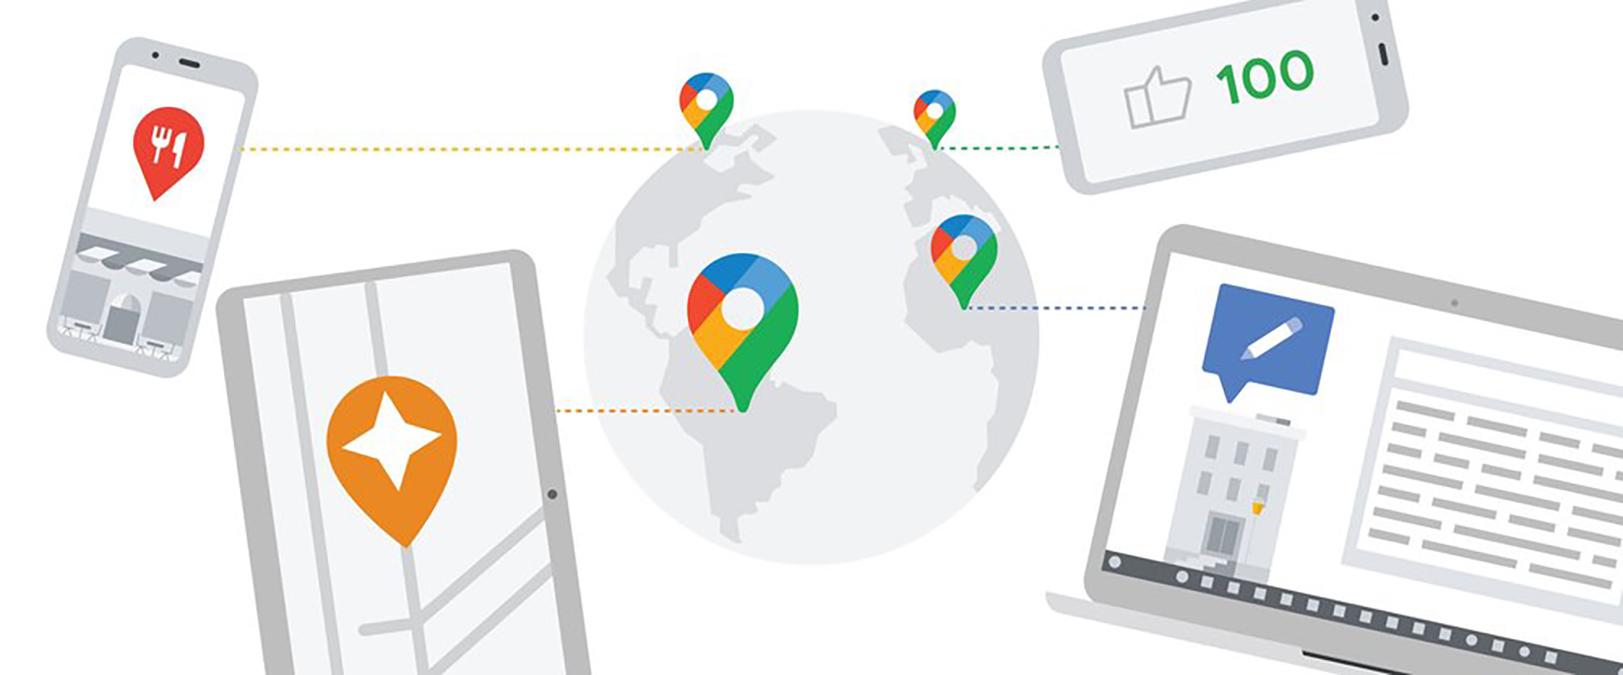 Google otřese aplikacemi, prozkoumá jejich přístup k poloze